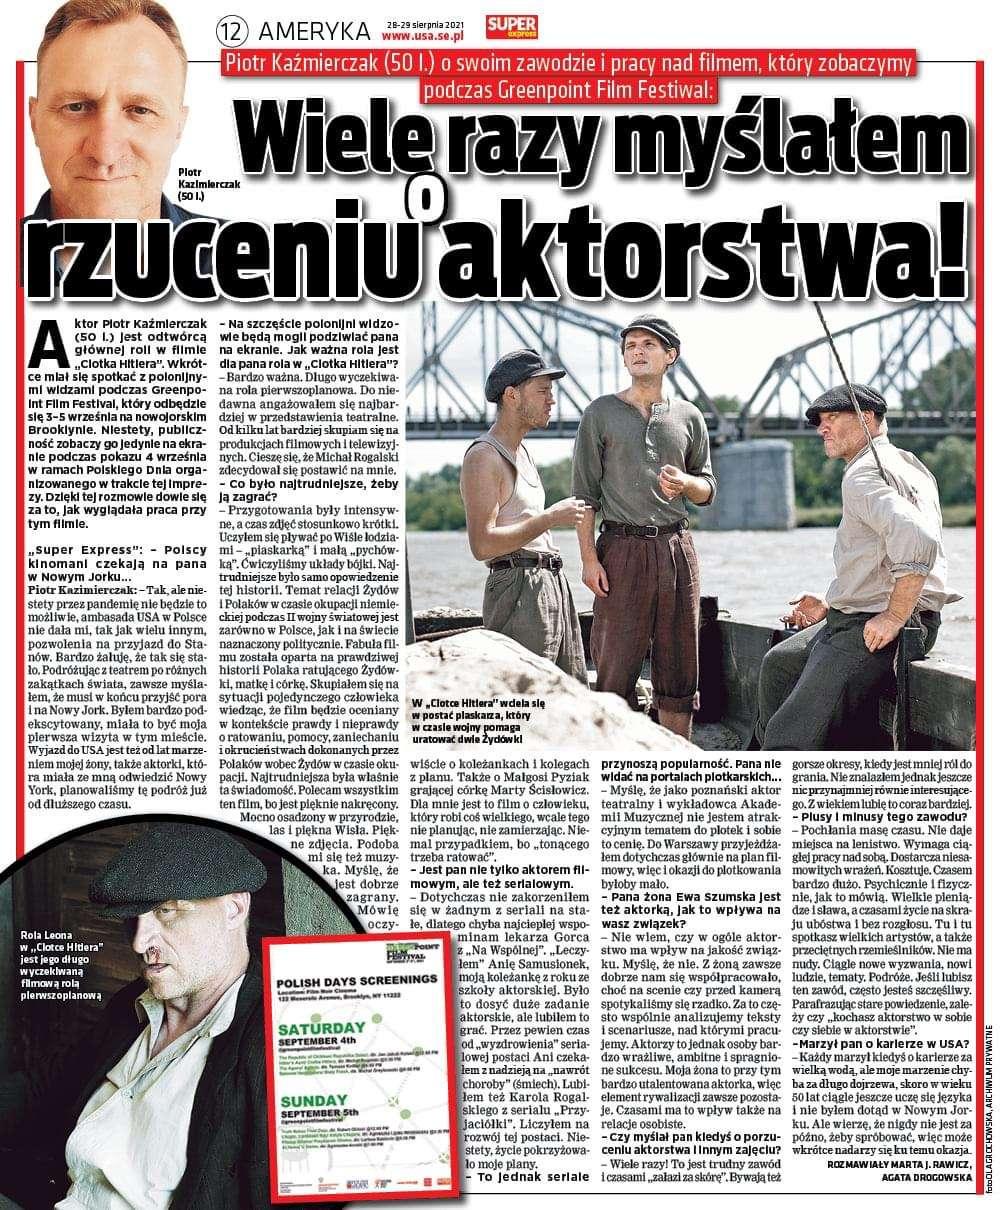 Piotr Kaźmierczak oswoim zawodzie…